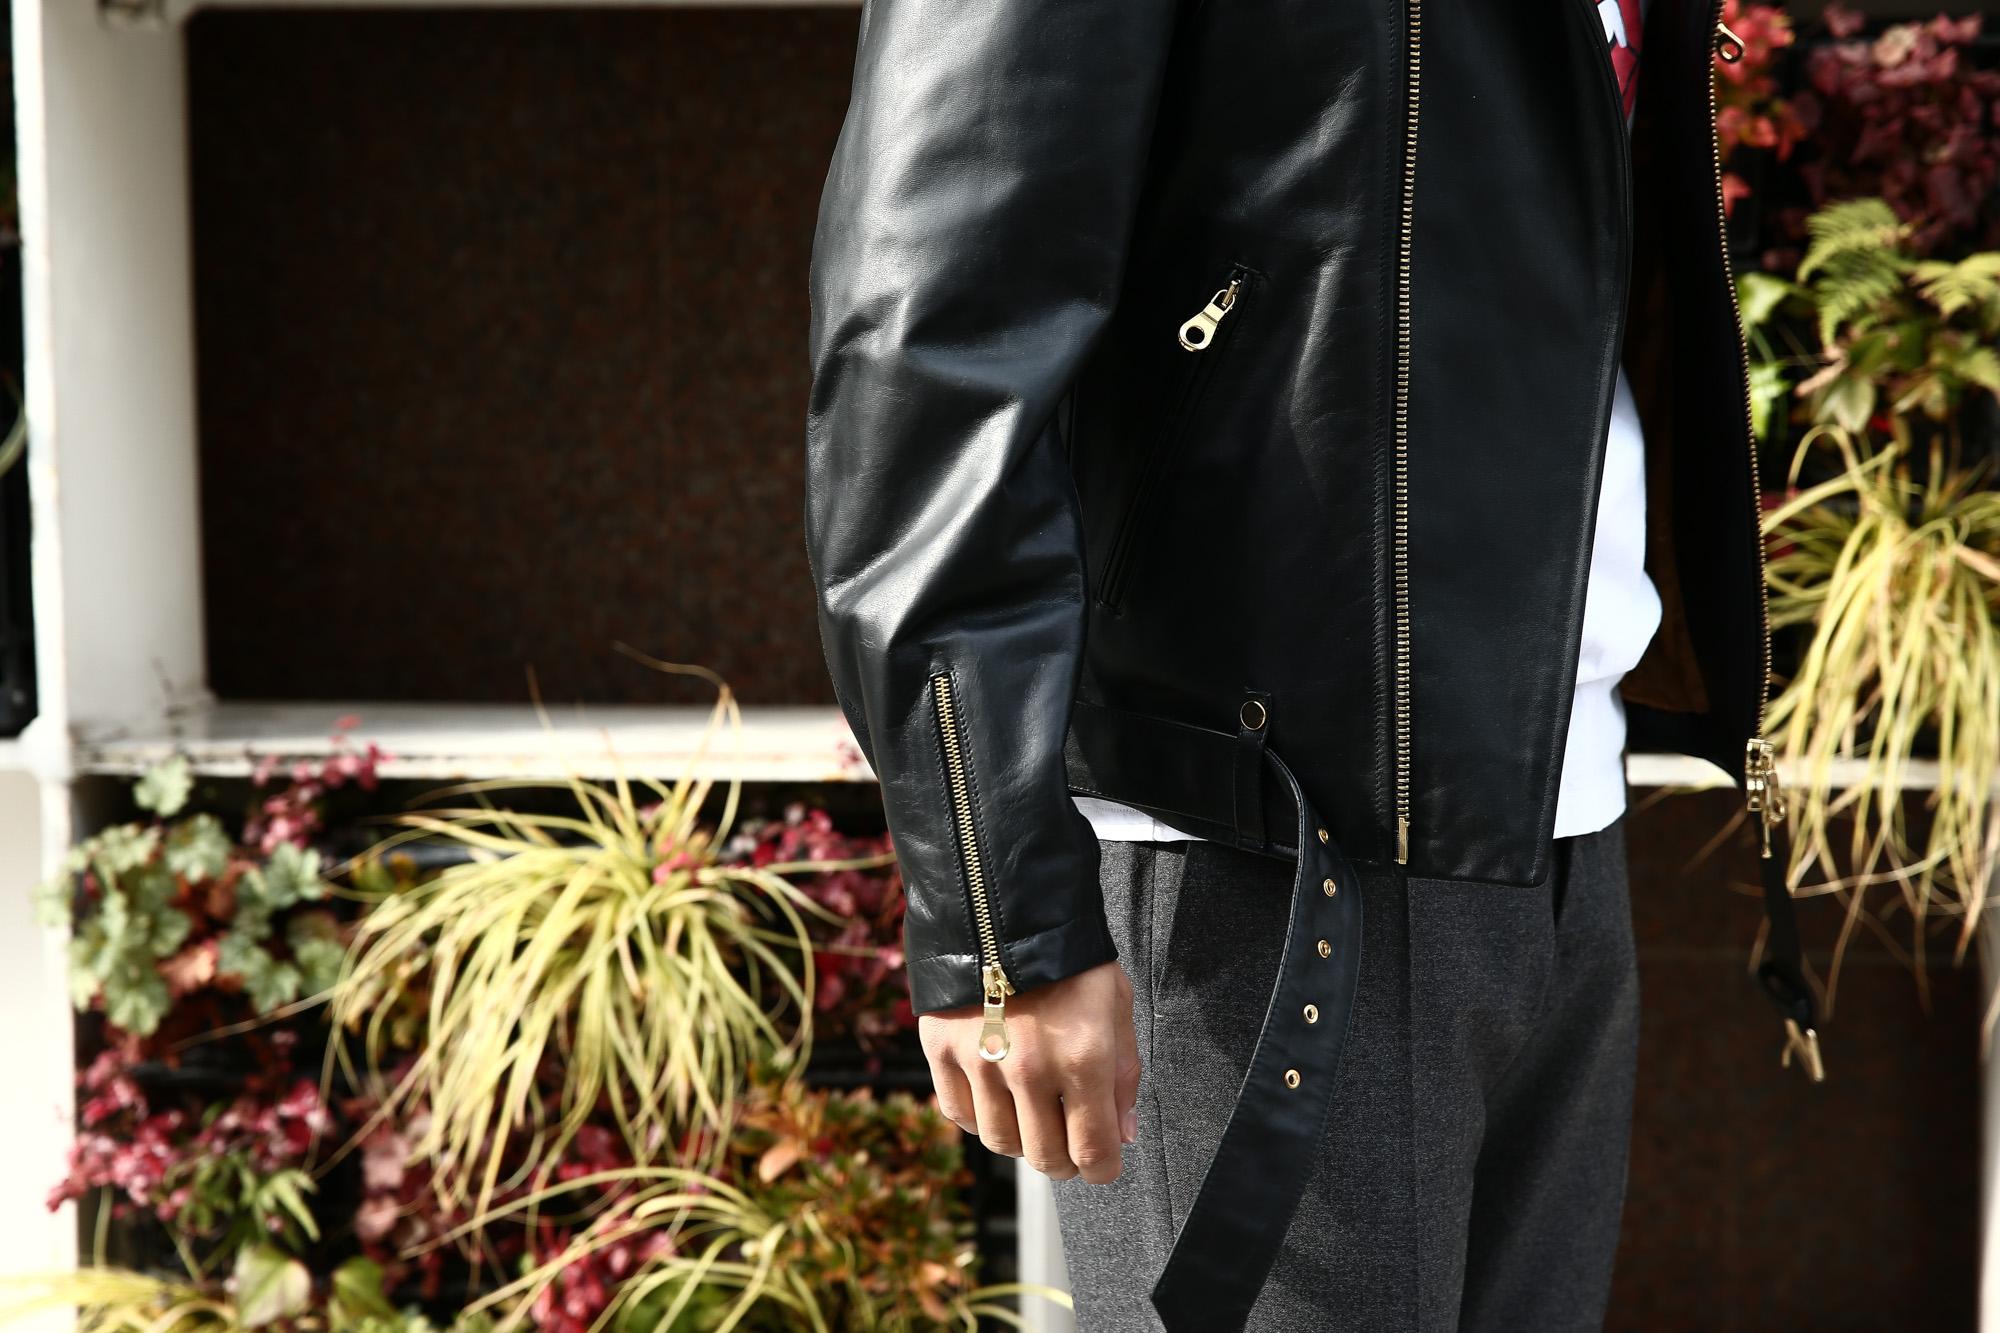 【CINQUANTA /// チンクアンタ】 6633 W RIDERS CAVALLO (ダブルライダース ジャケット) HORSE LEATHER ホースレザー ライダース ジャケット BLACK (ブラック・999) Made in italy (イタリア製) 2017 秋冬新作 cinquanta 愛知 名古屋 ZODIAC ゾディアック ダブルライダース レザー